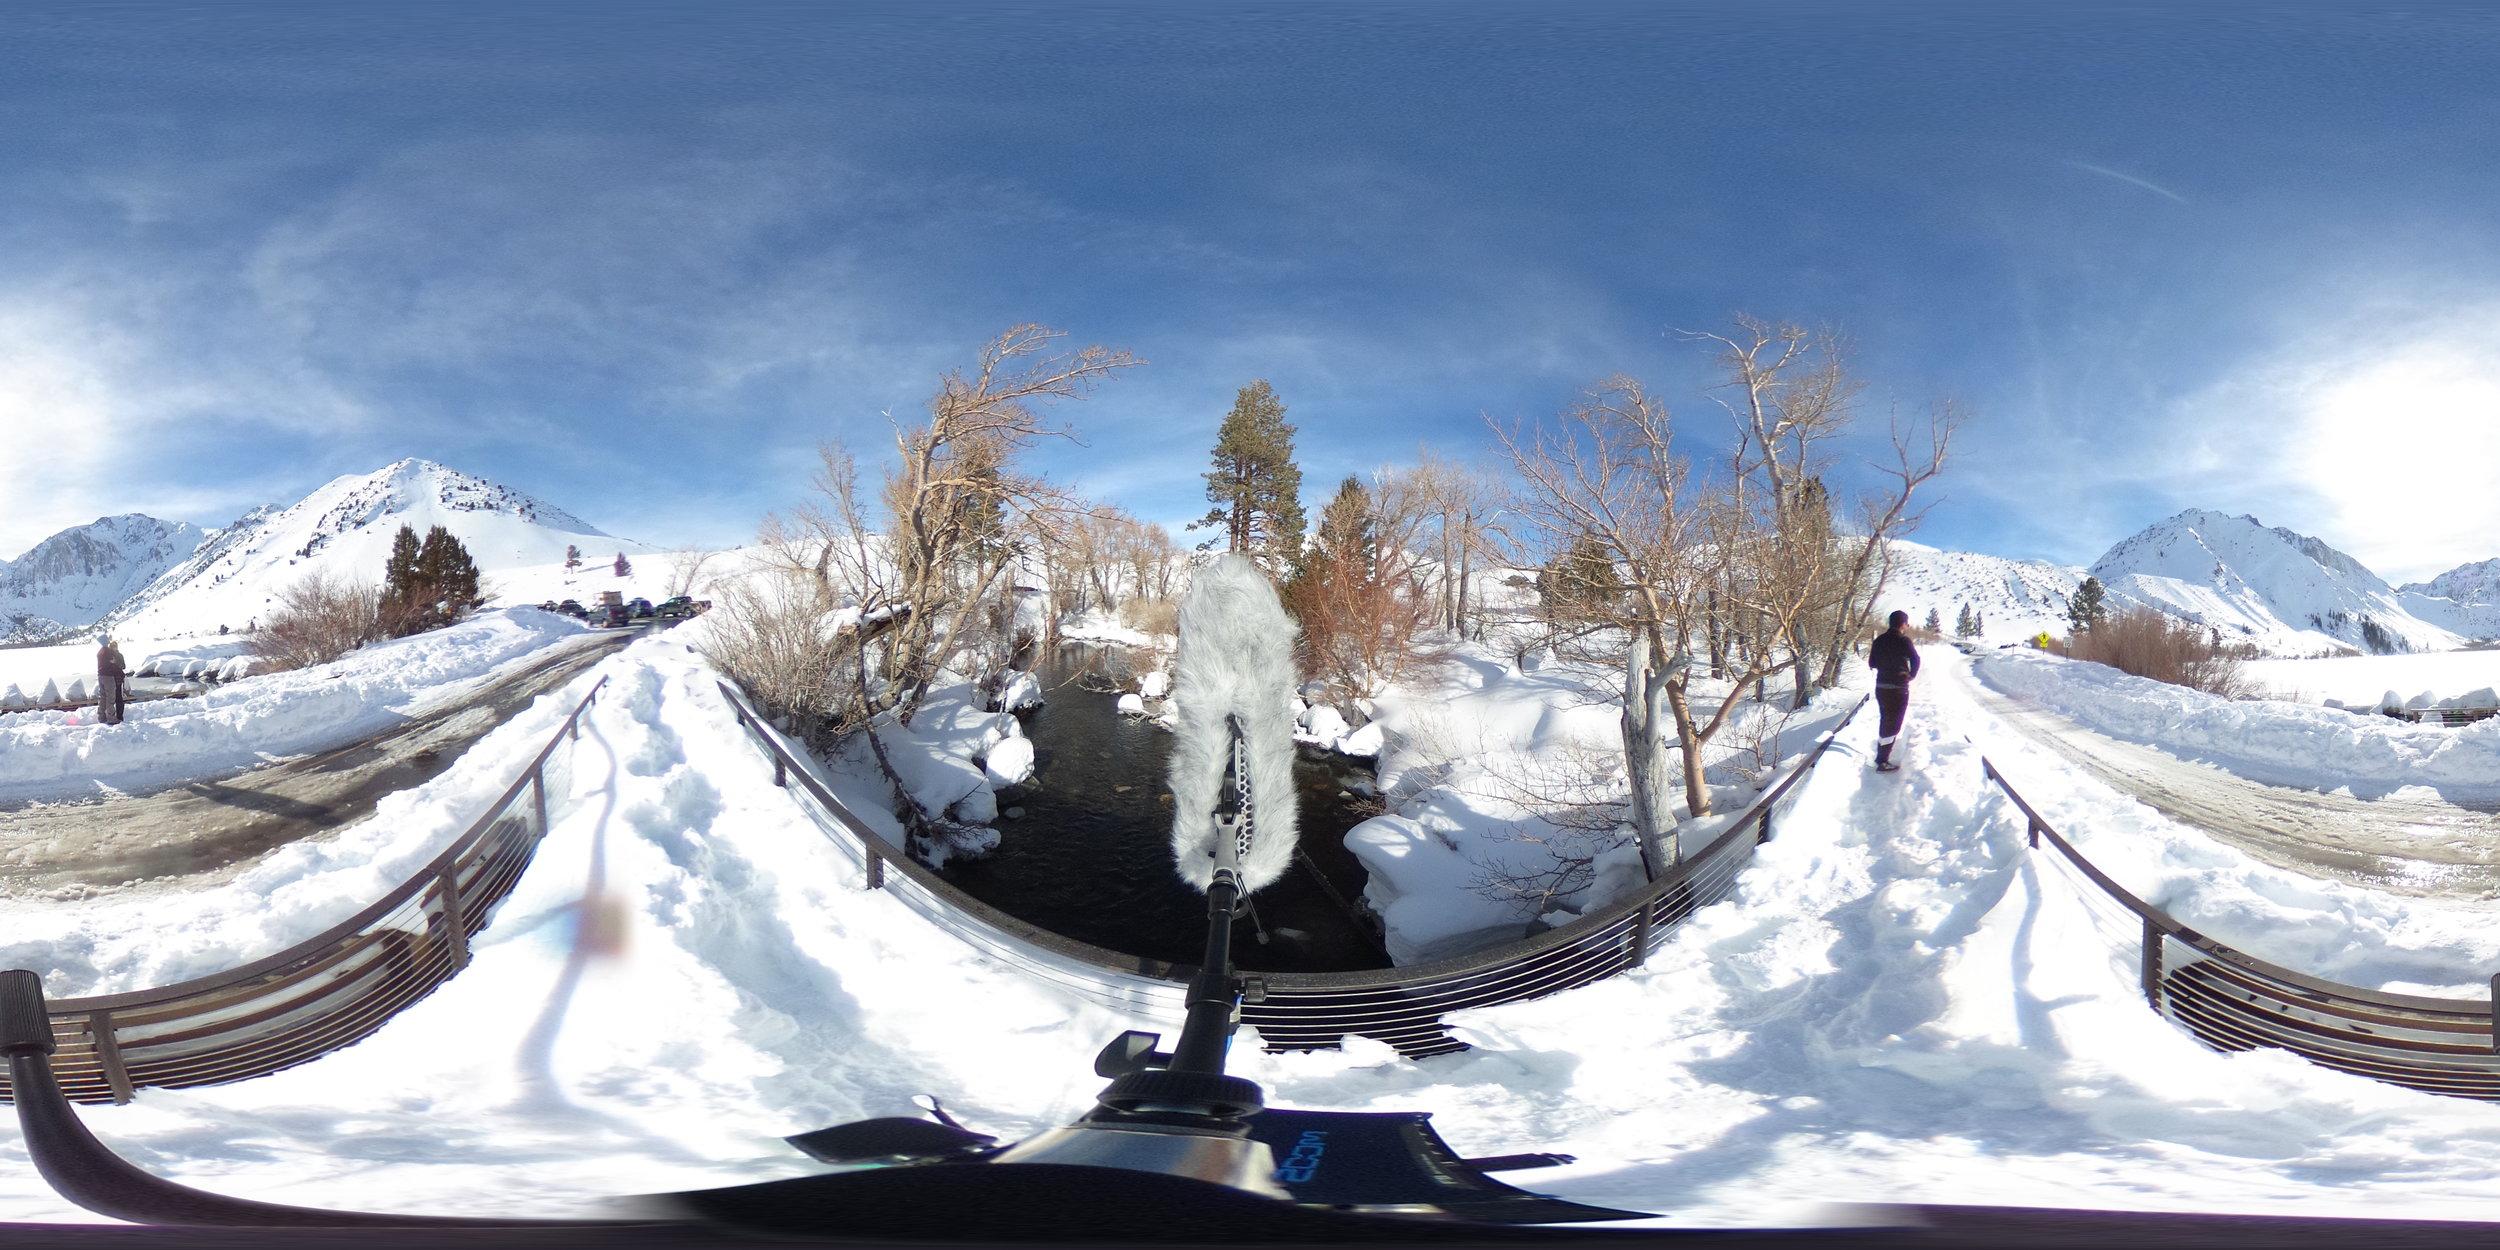 EXT_Day_Snow_TopOfWaterfall_WaterfallBehind_JPEG.JPG